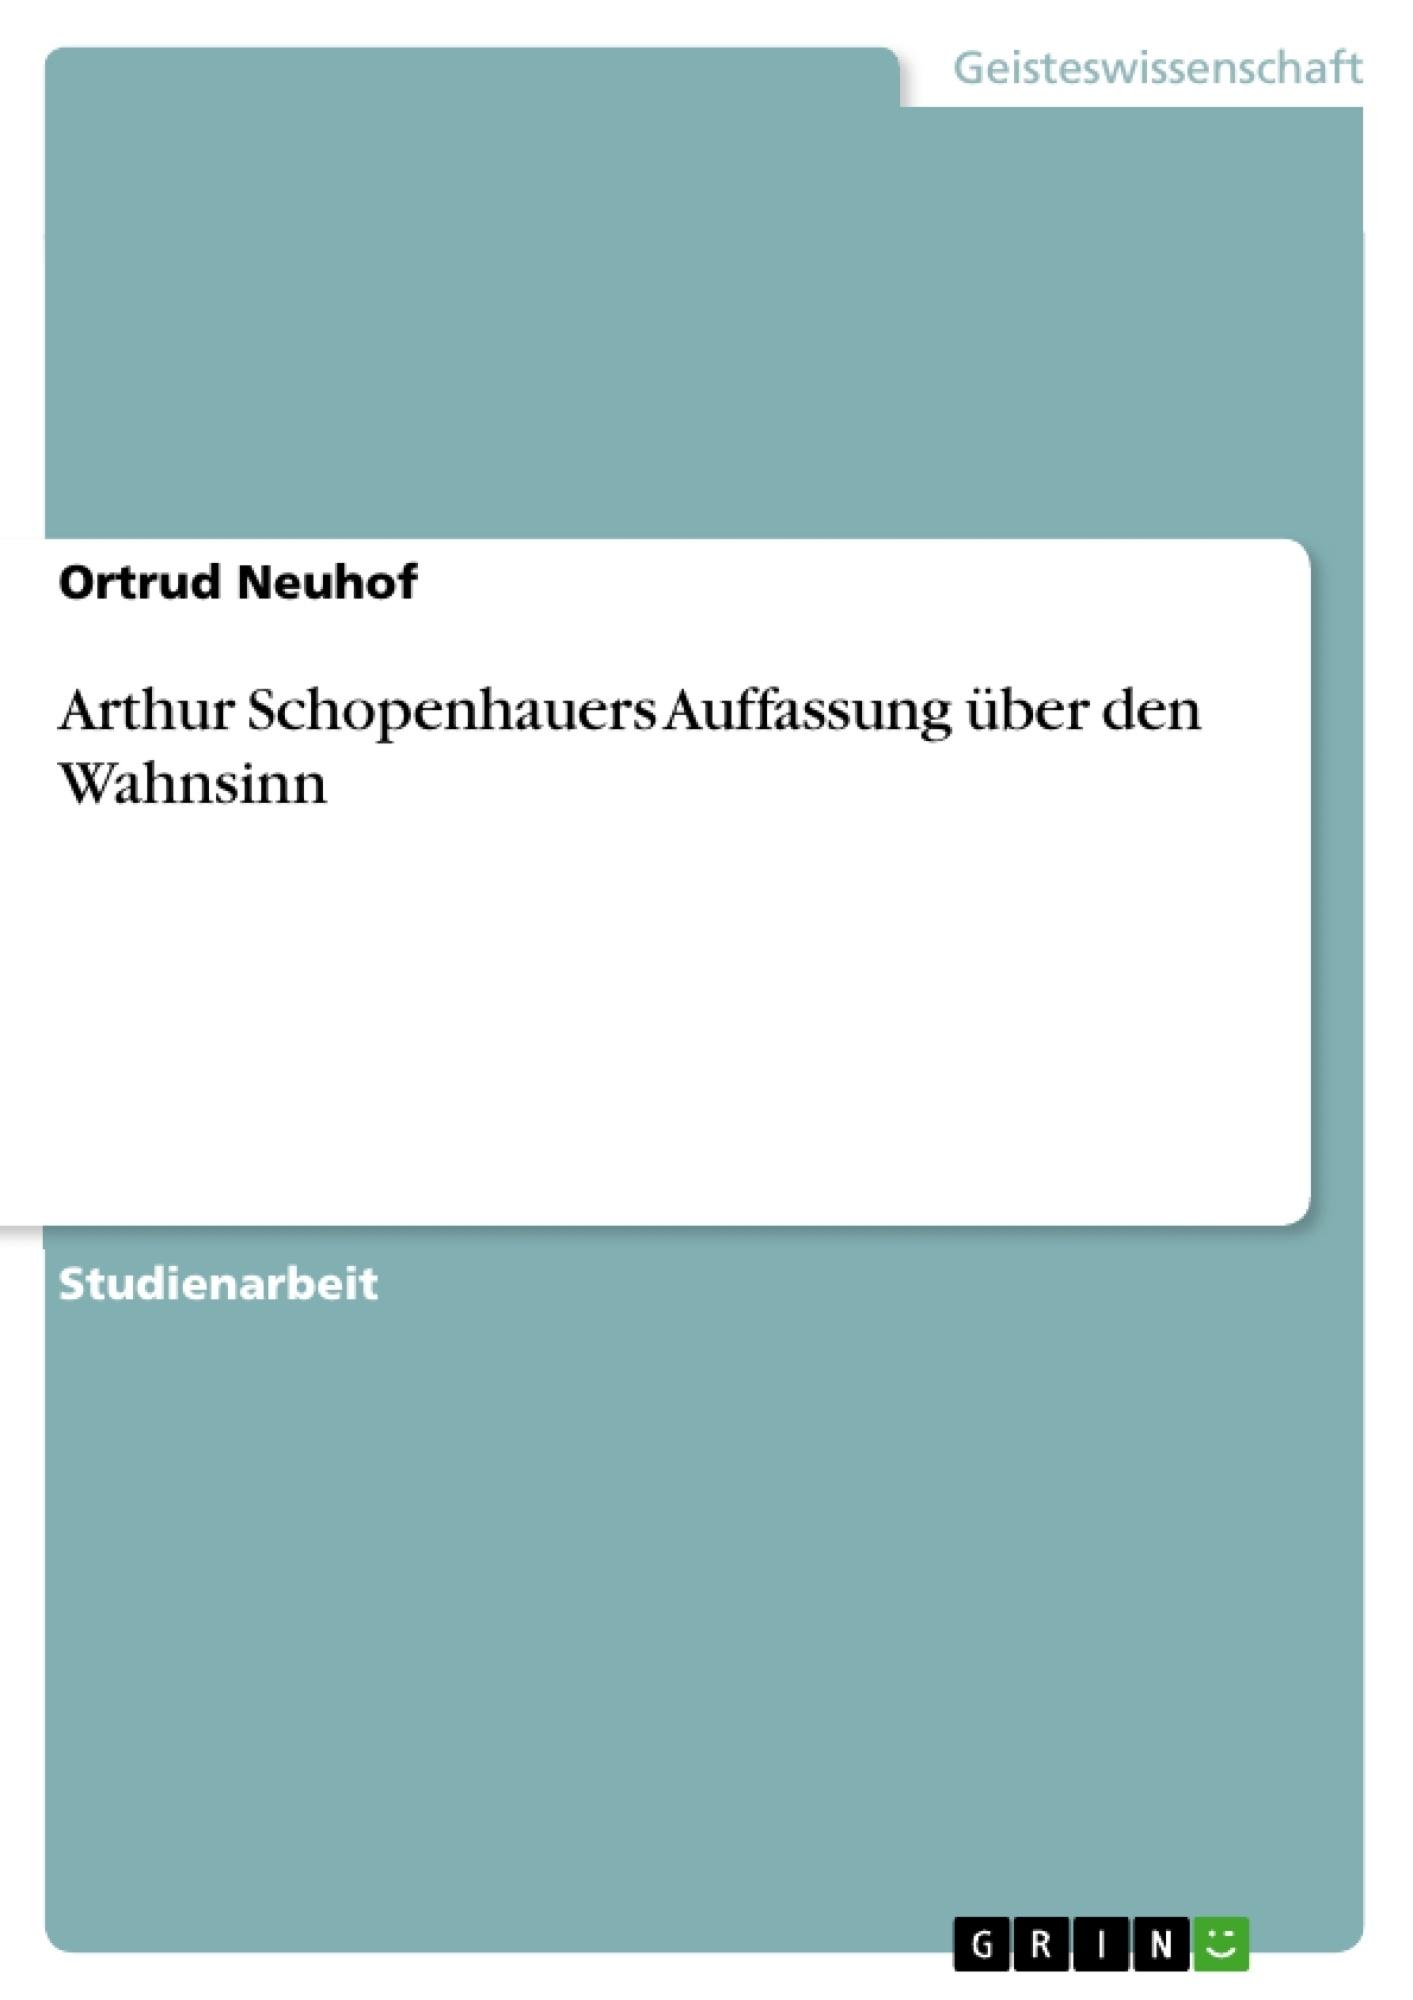 Titel: Arthur Schopenhauers Auffassung über den Wahnsinn